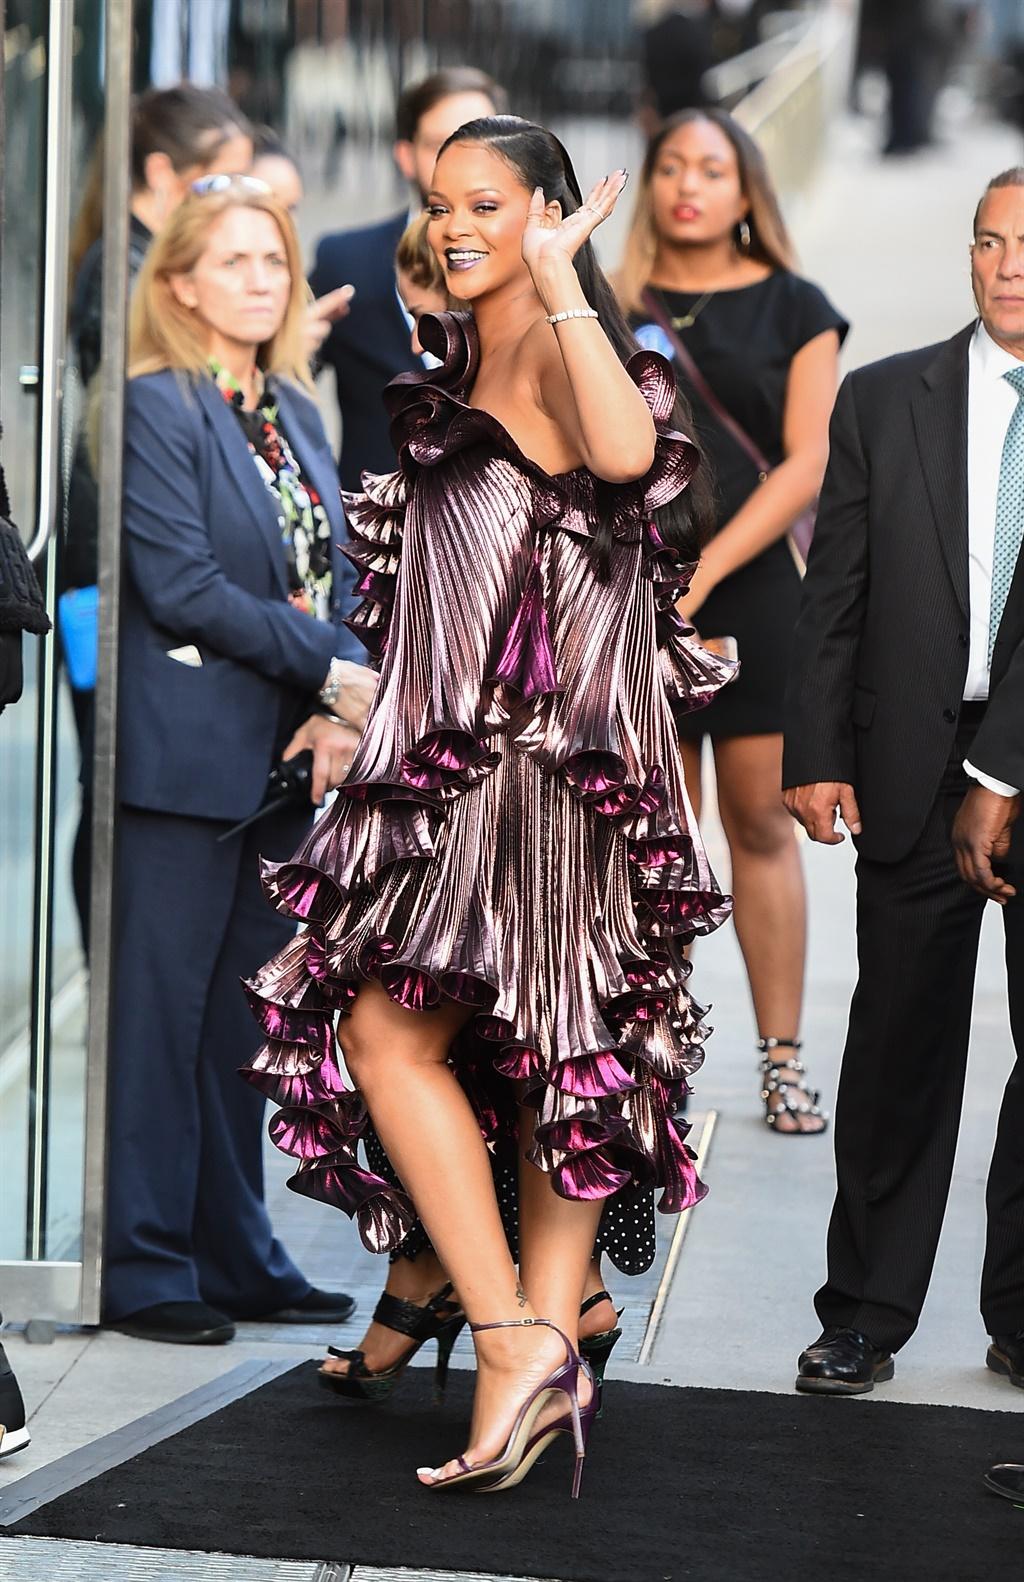 NEW YORK, NY - JUNE 05: Singer Rihanna is seen in